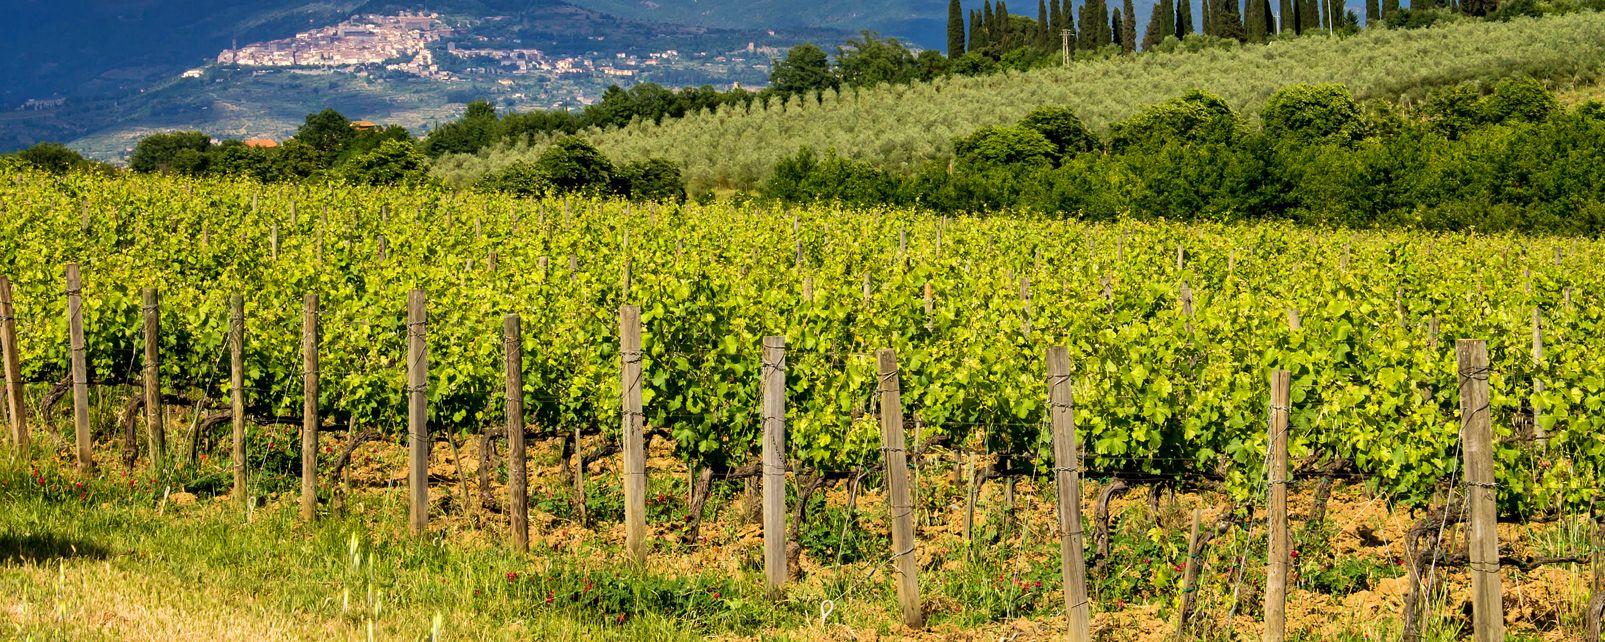 Le vin et la vigne , La vigne chypriote , Chypre